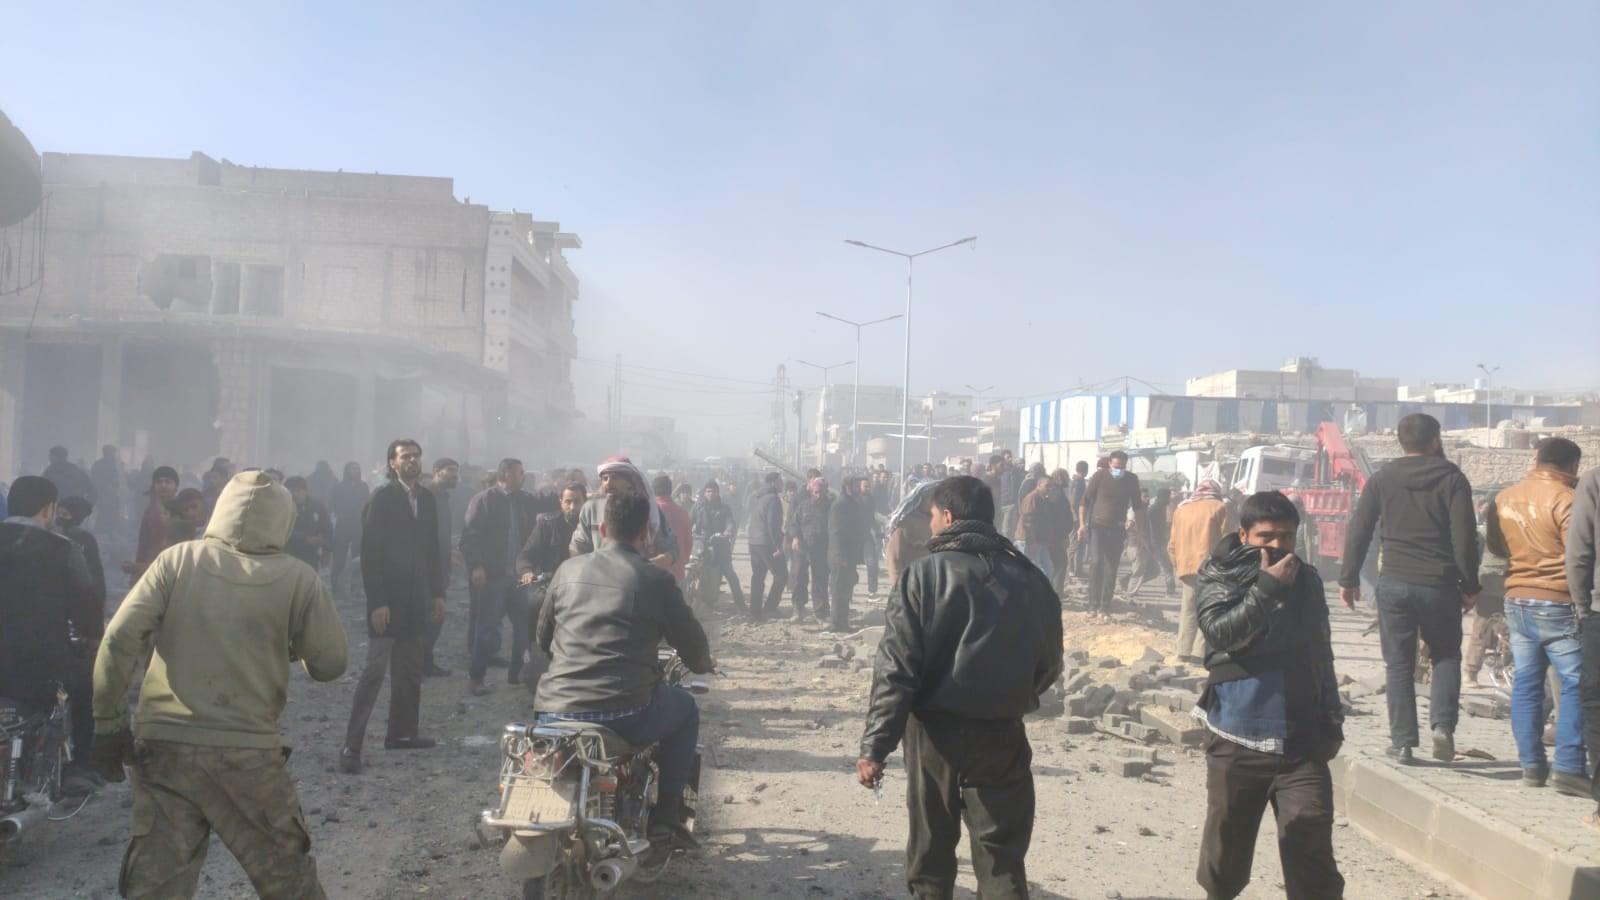 قتلى وجرحى بانفجار سيارة مفخخة في مدينة الباب السورية